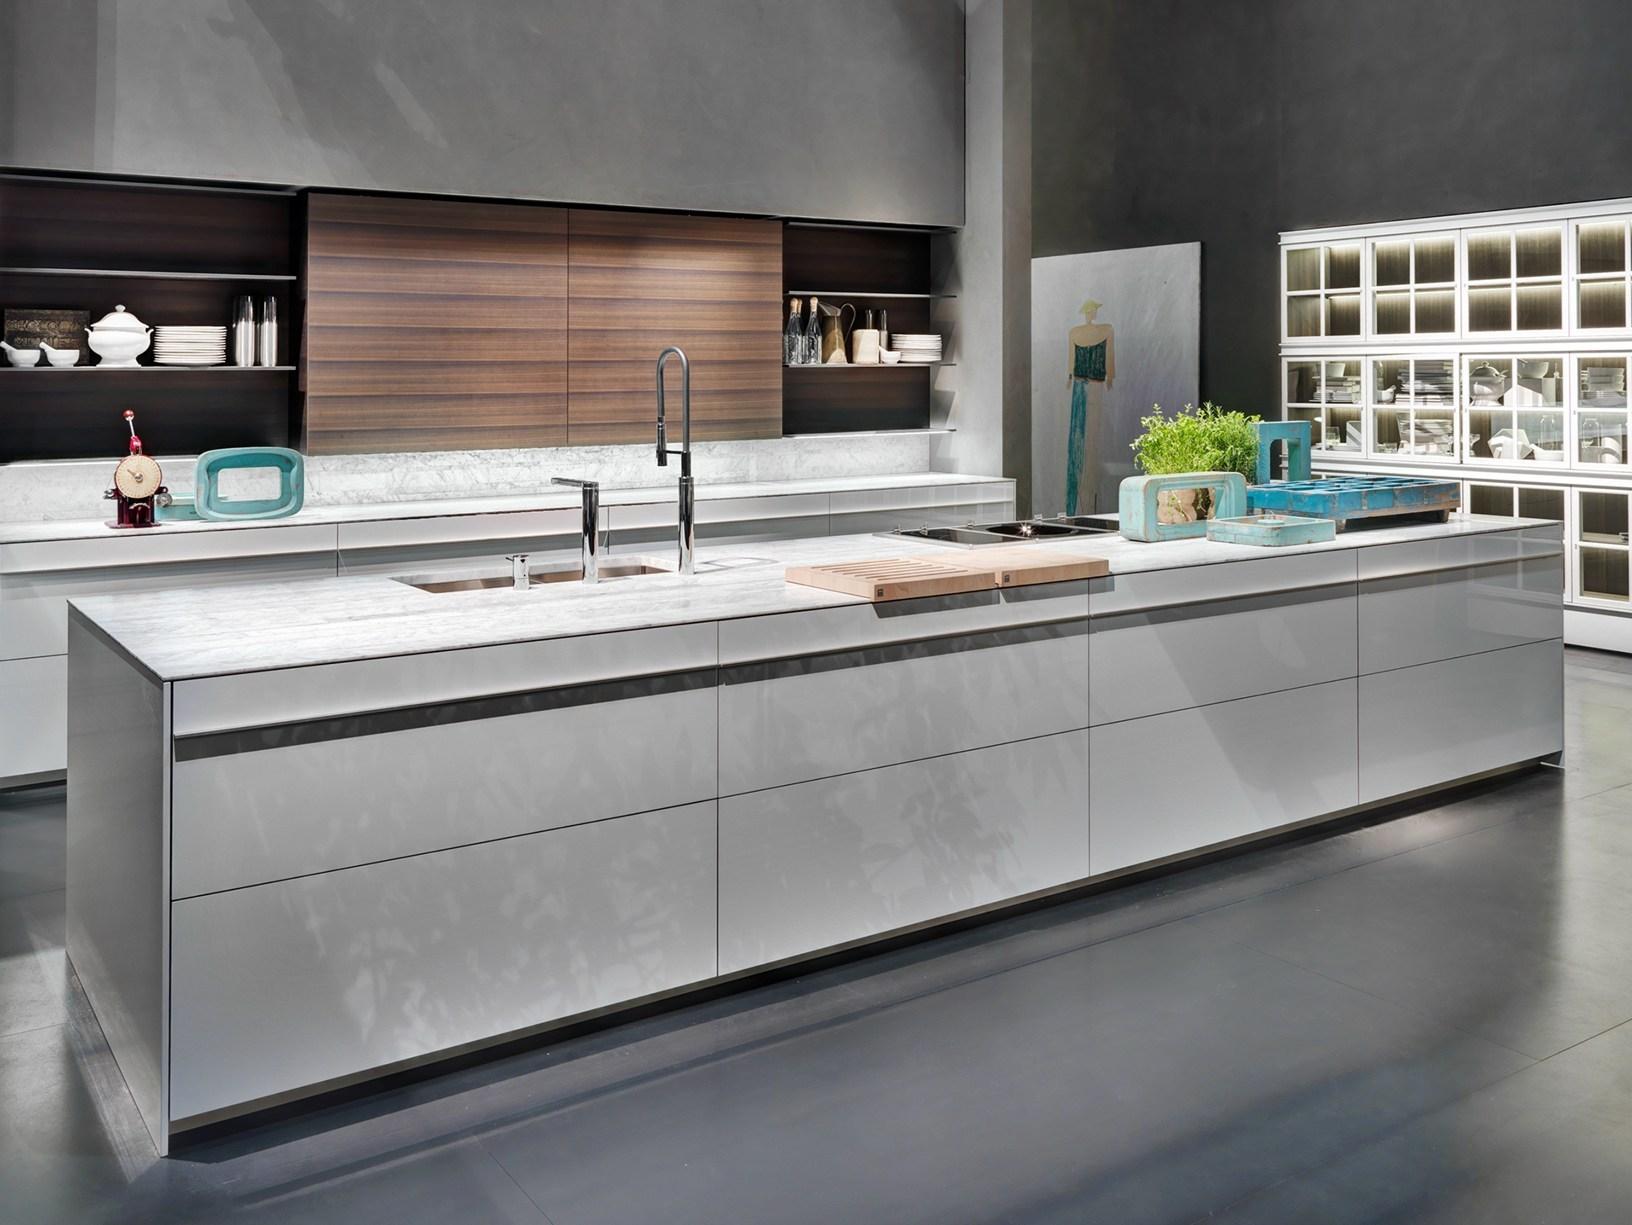 Dada Rinnova Le Sue Cucine Al Salone Del Mobile: Dada cucine ...